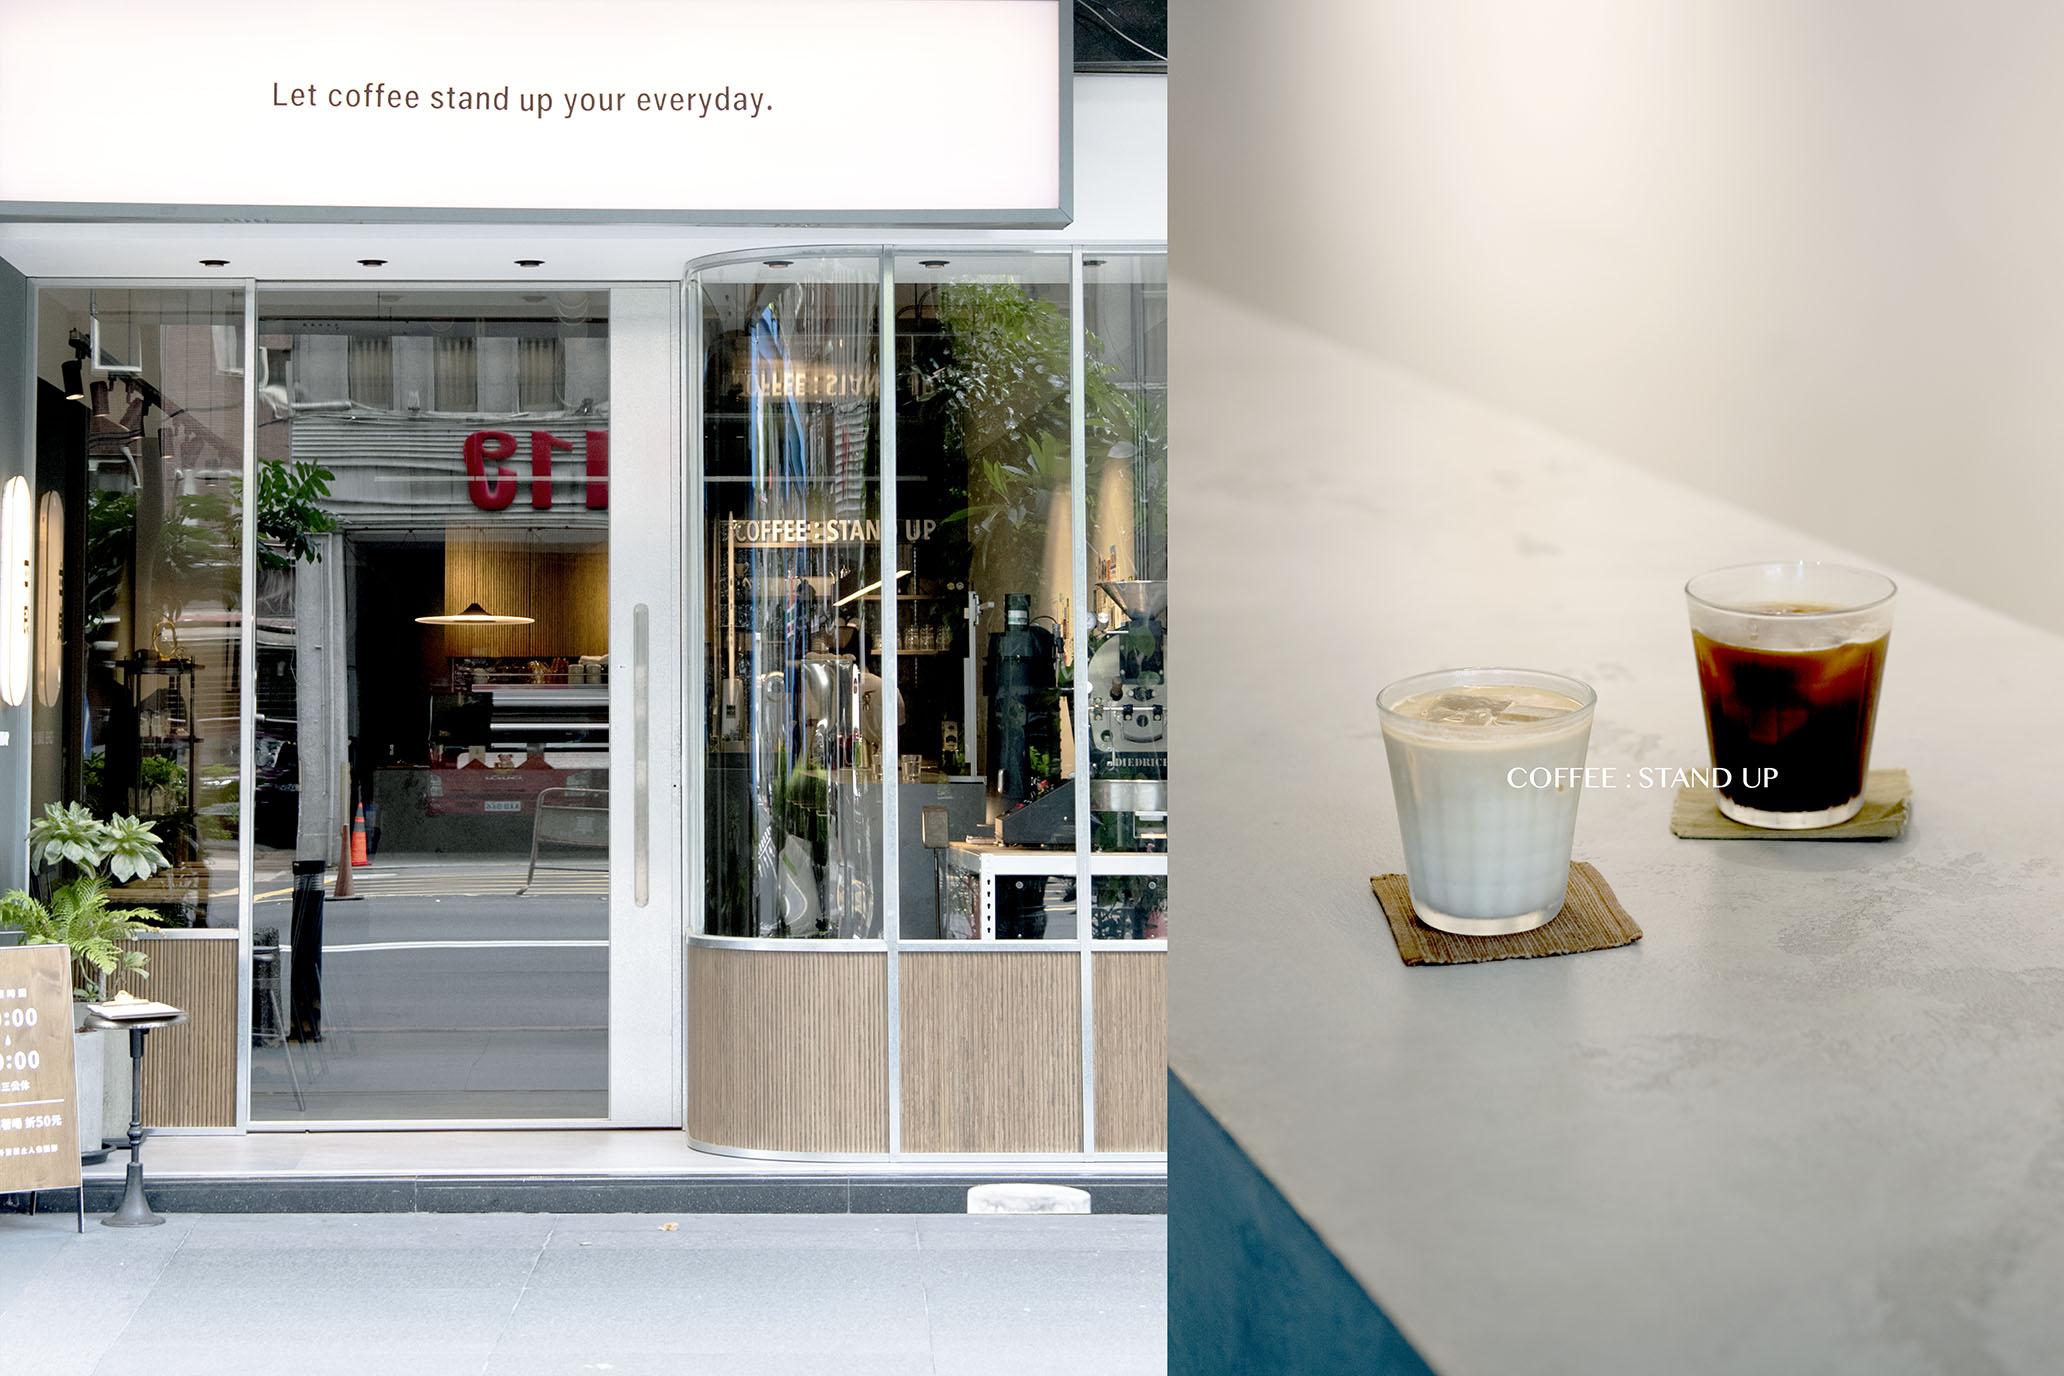 網站近期文章:1+1 是咖啡生活的新選擇|台北 COFFEE : STAND UP 立良